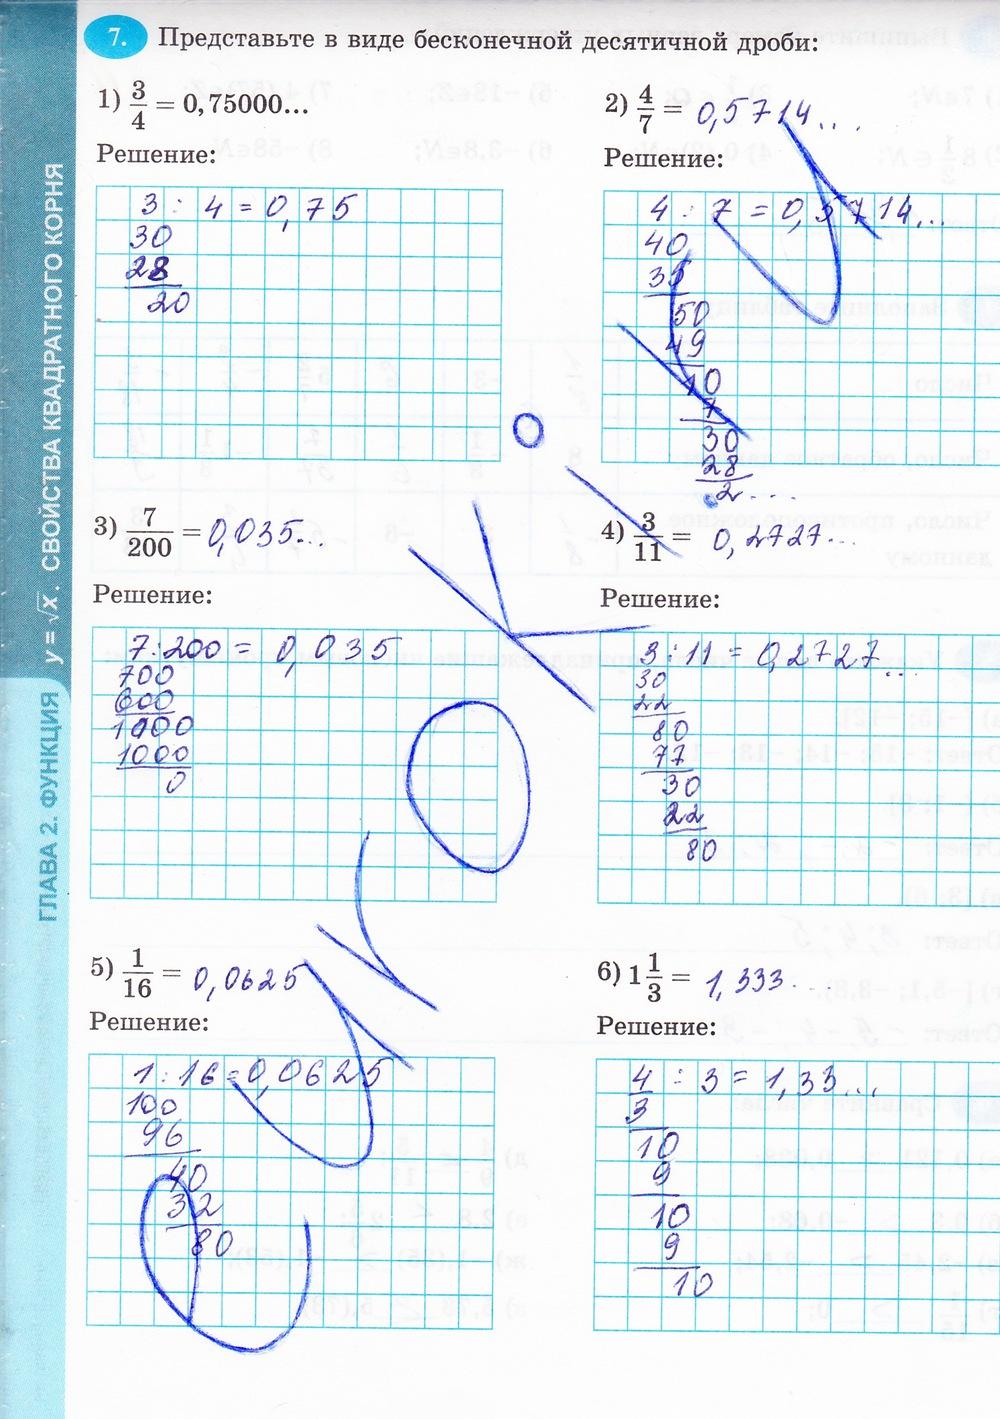 гдз по алгебре 8 класс рабочая тетрадь е.б.ключникова часть1